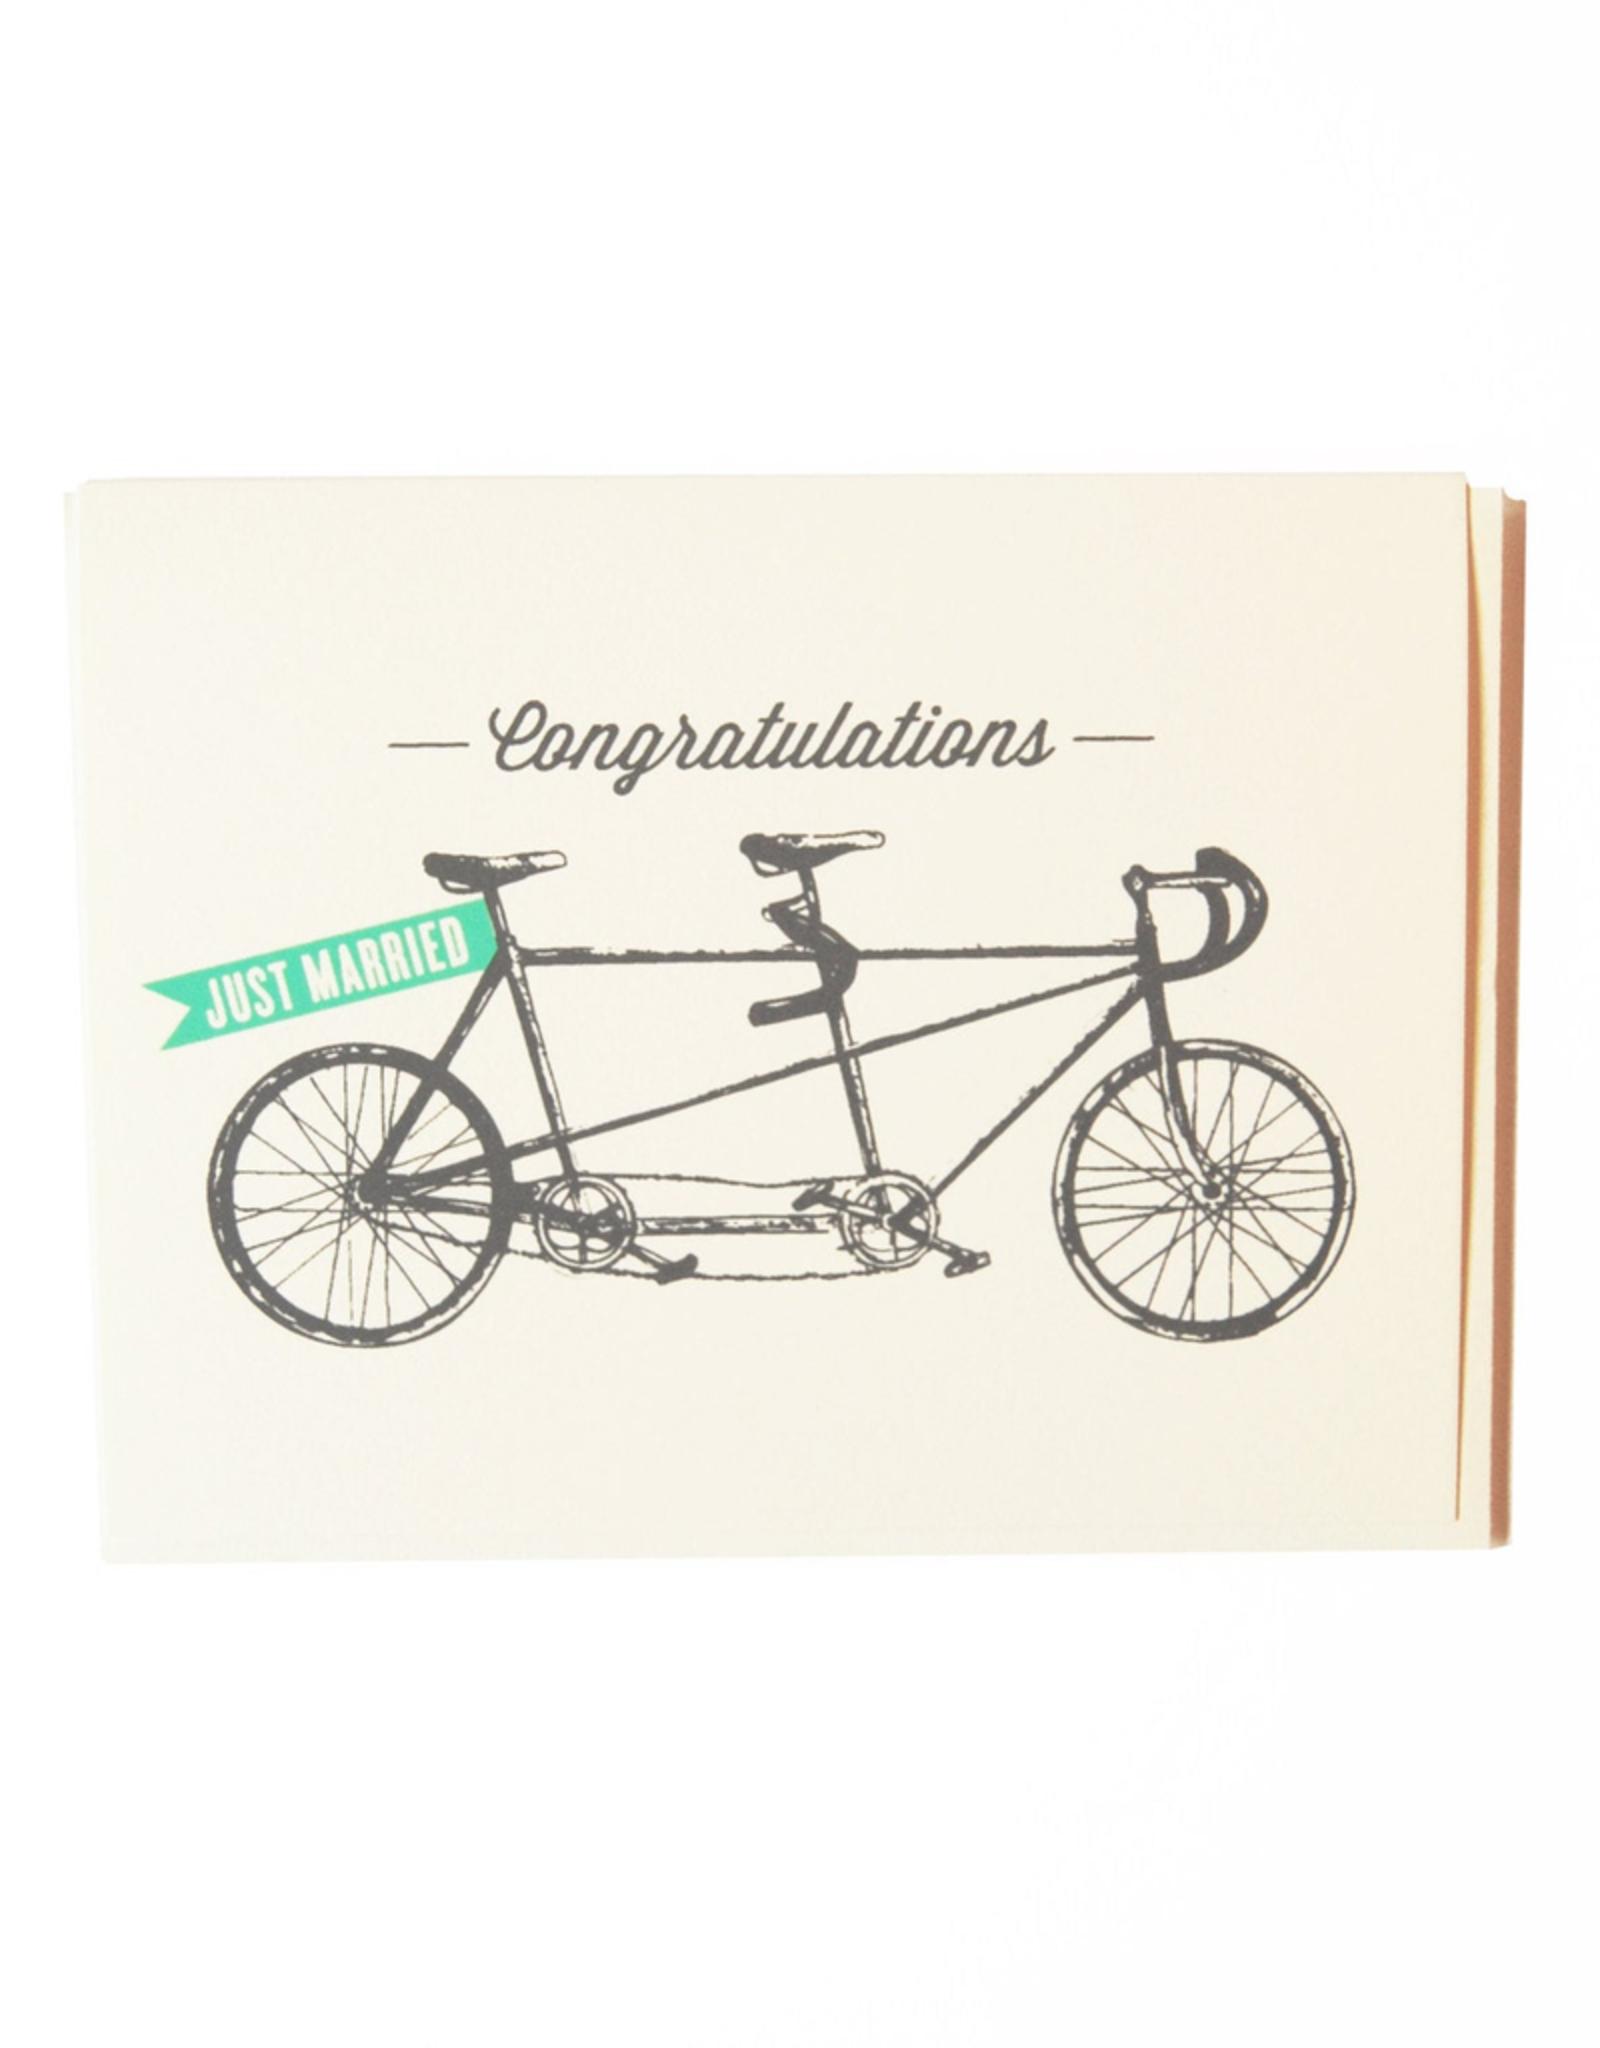 The Good Days Print Co The Good Days Print Co Tandem Bike Card